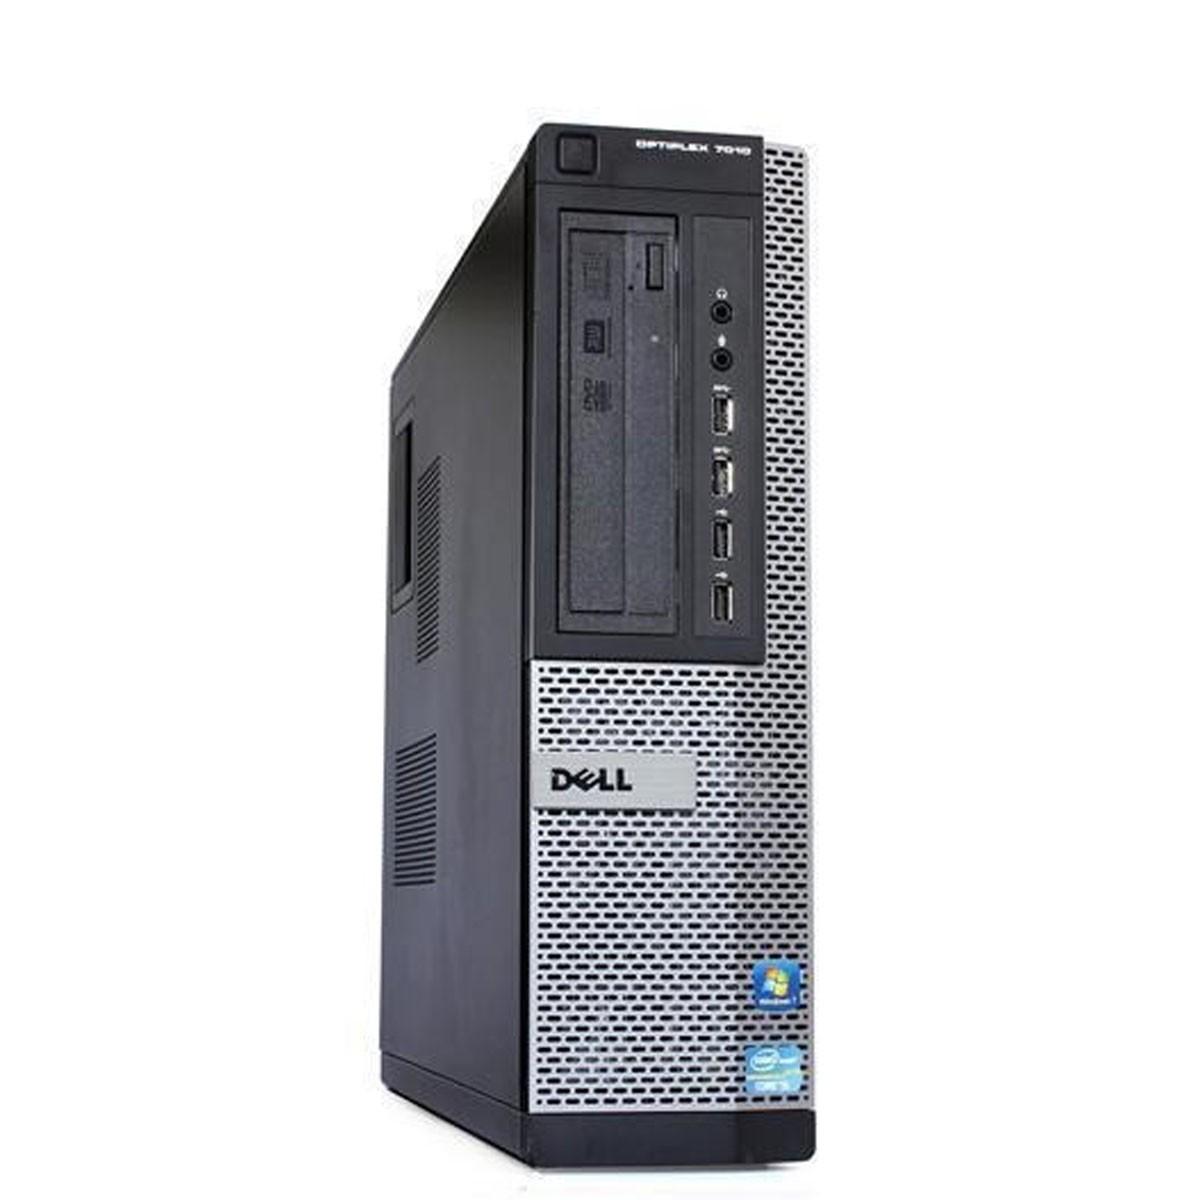 Computador Dell Optiplex 3010 - Core i3 - 4gb ram - HD de 500gb